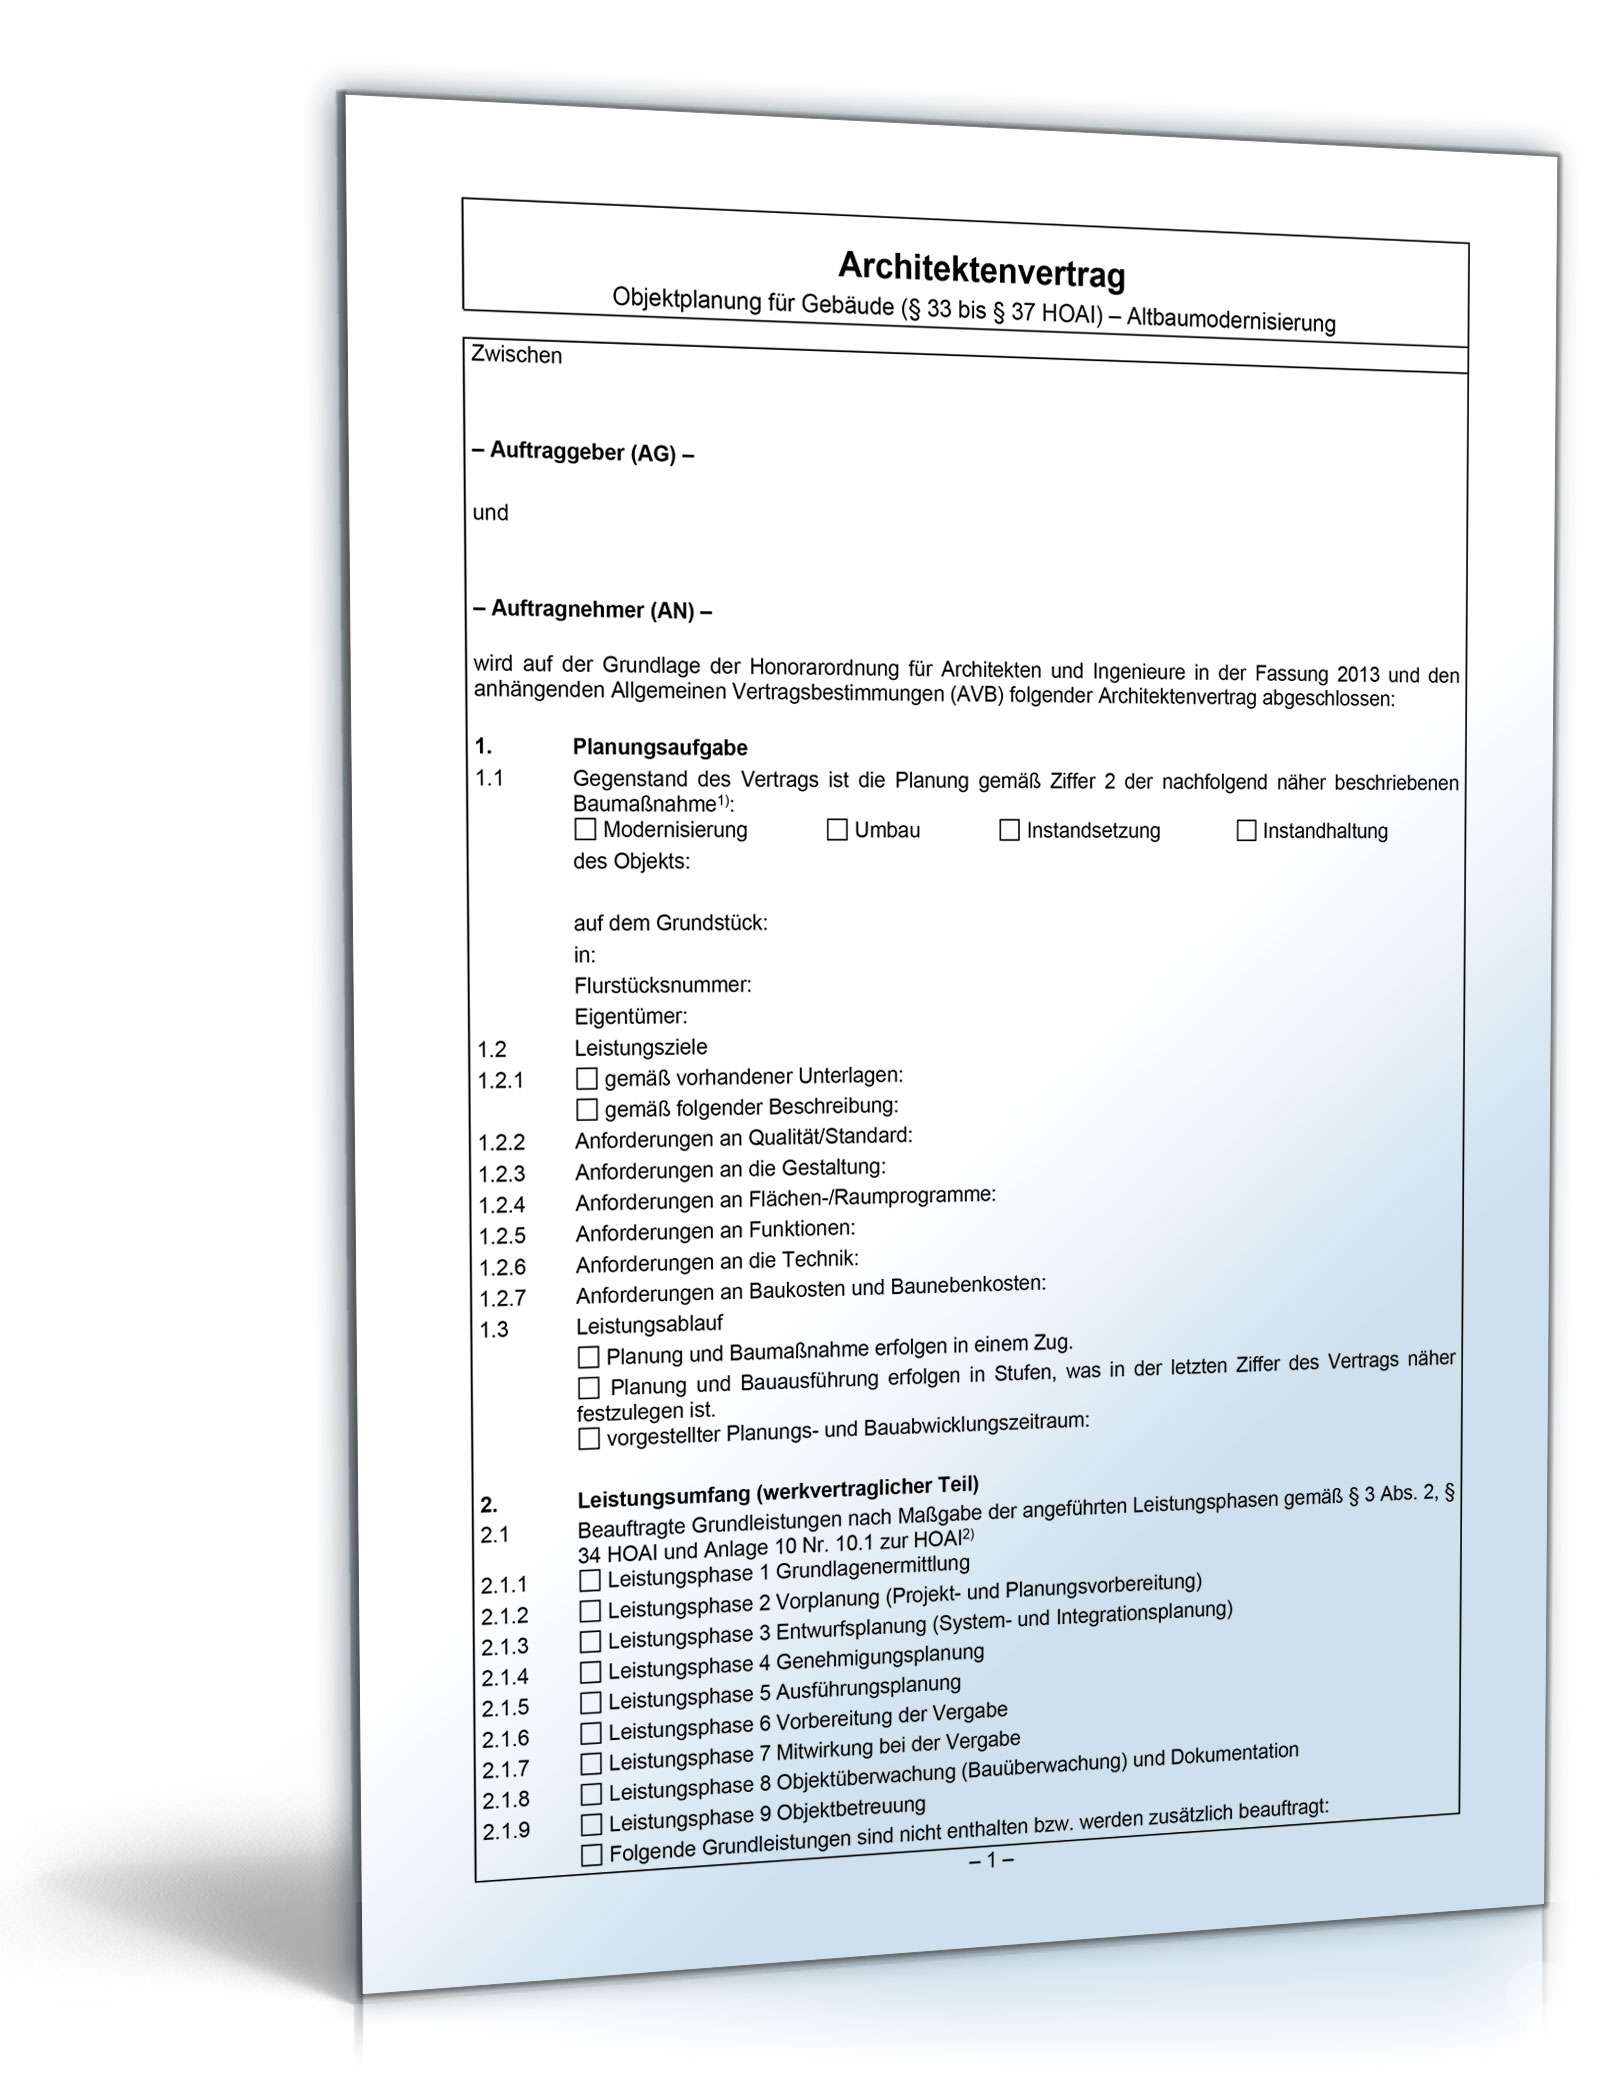 architektenvertrag objektplanung altbaumodernisierung - Architektenvertrag Muster Kostenlos